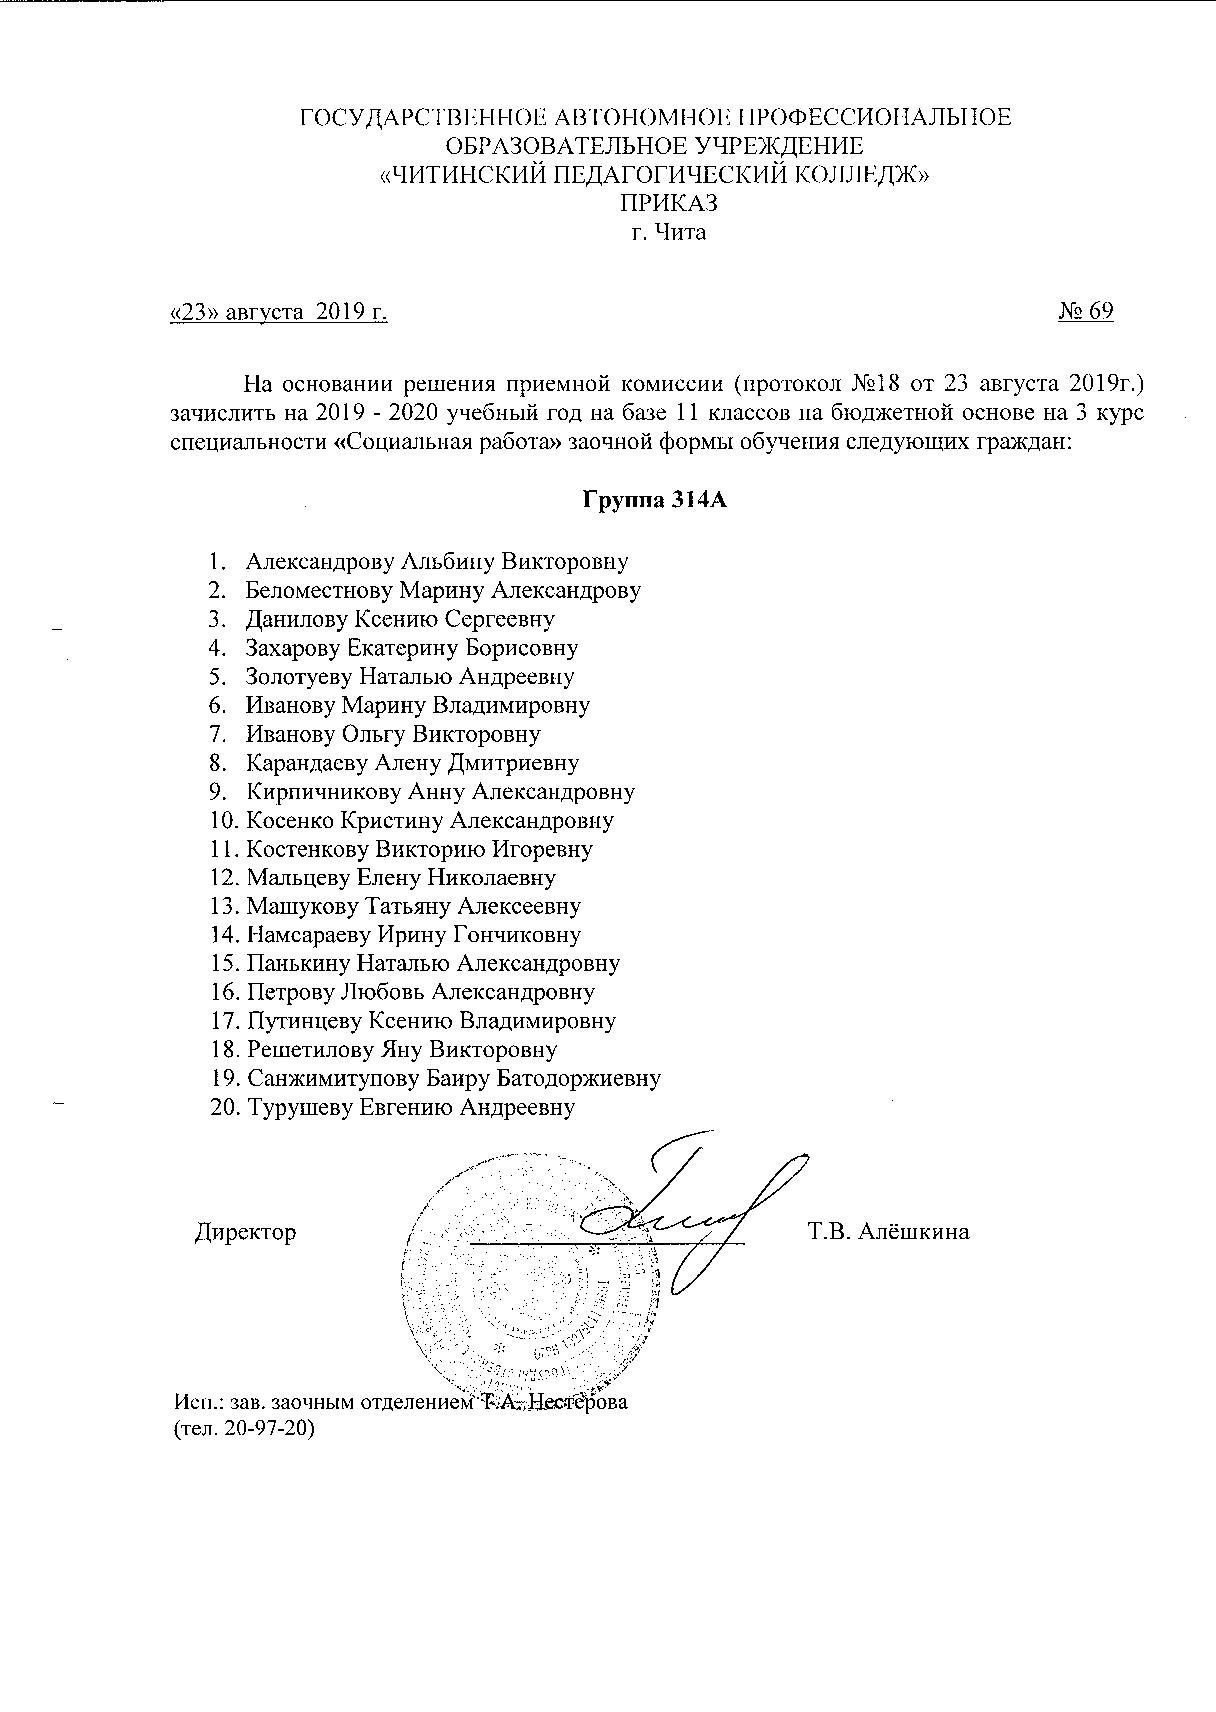 Список студентов 314А